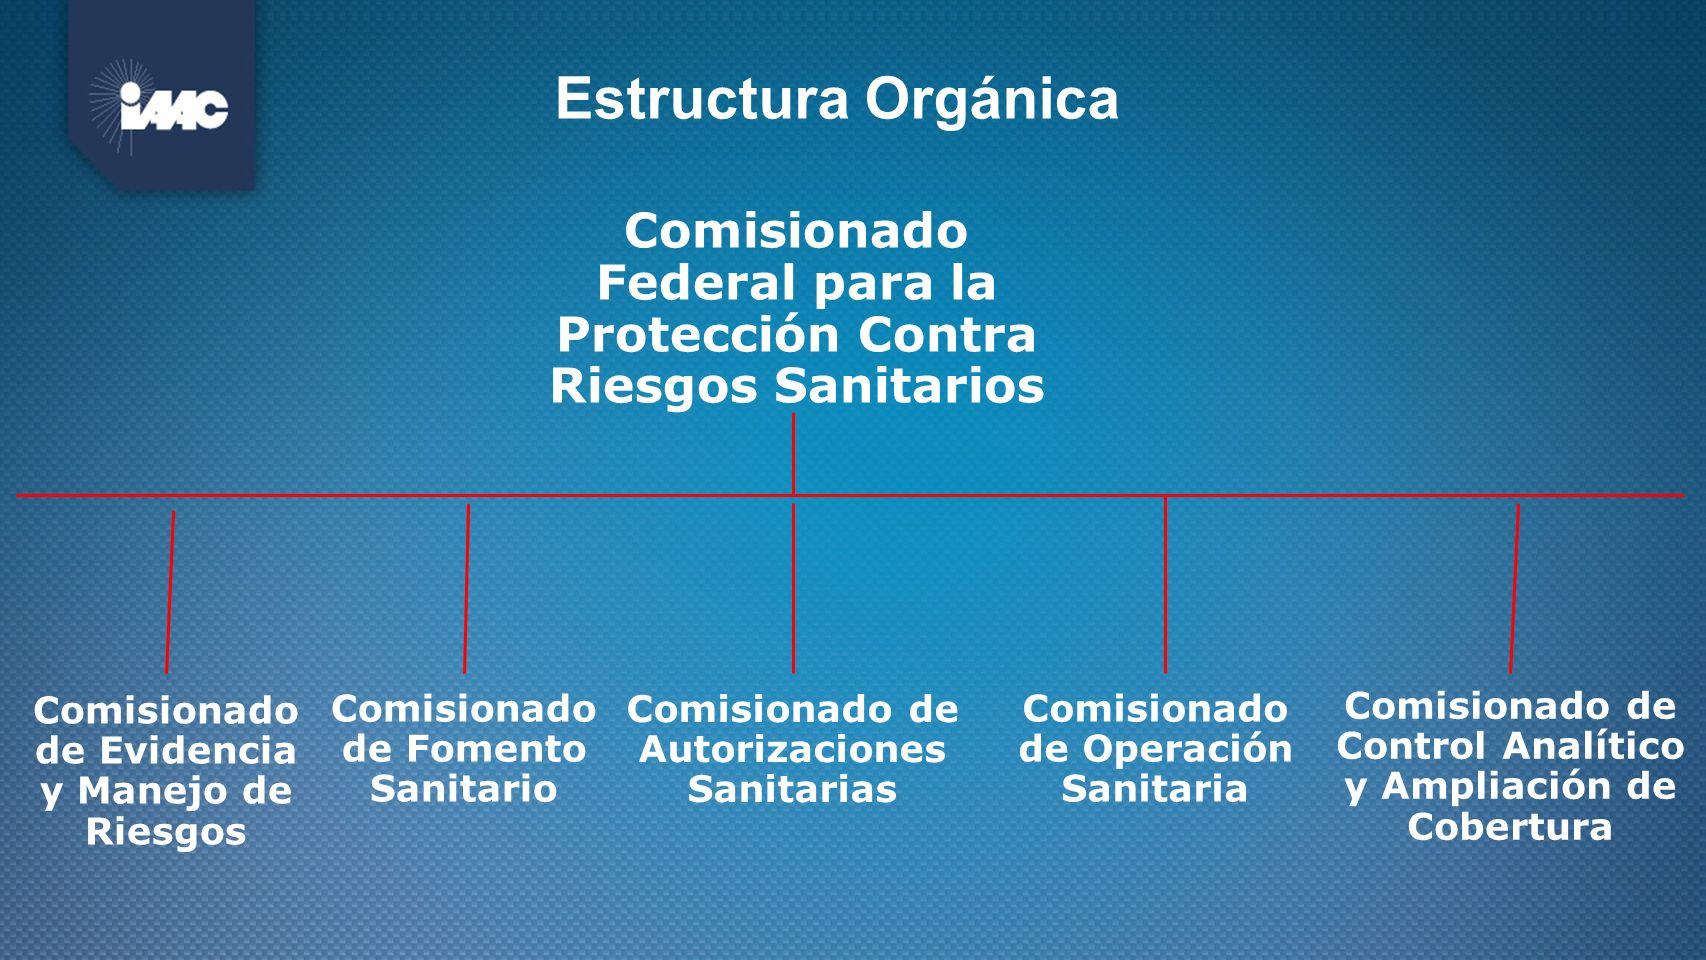 Estructura Orgánica Comisionado Federal para la Protección Contra Riesgos Sanitarios Comisionado de Evidencia y Manejo de Riesgos Comisionado de Fomen